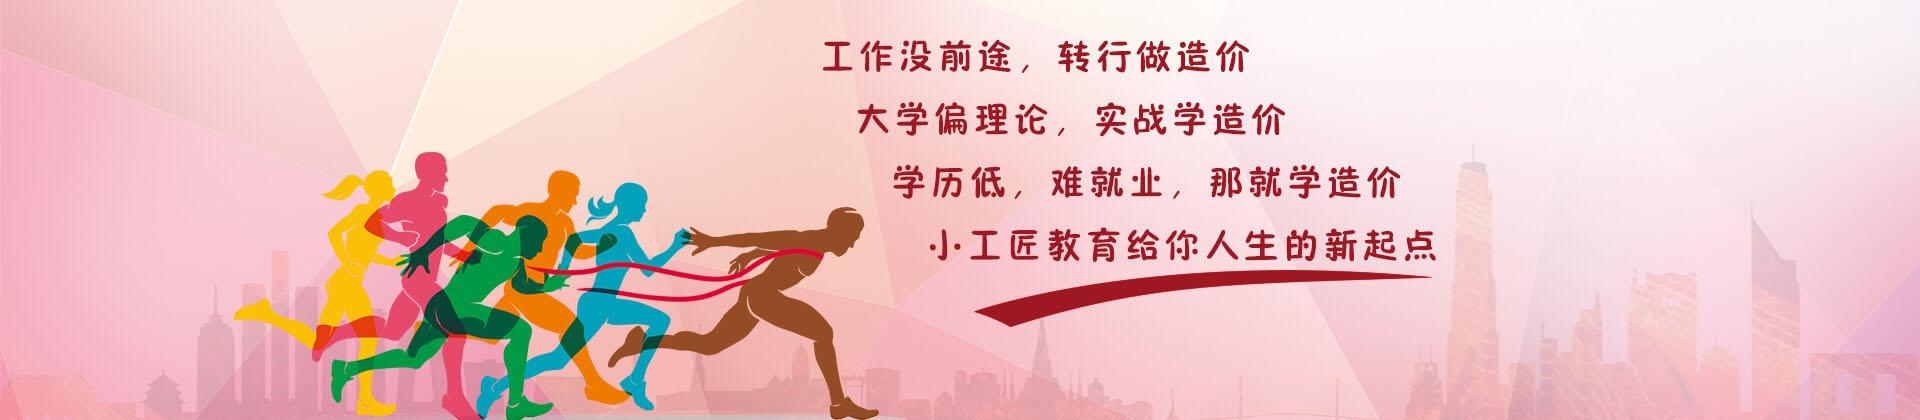 广州小工匠教育